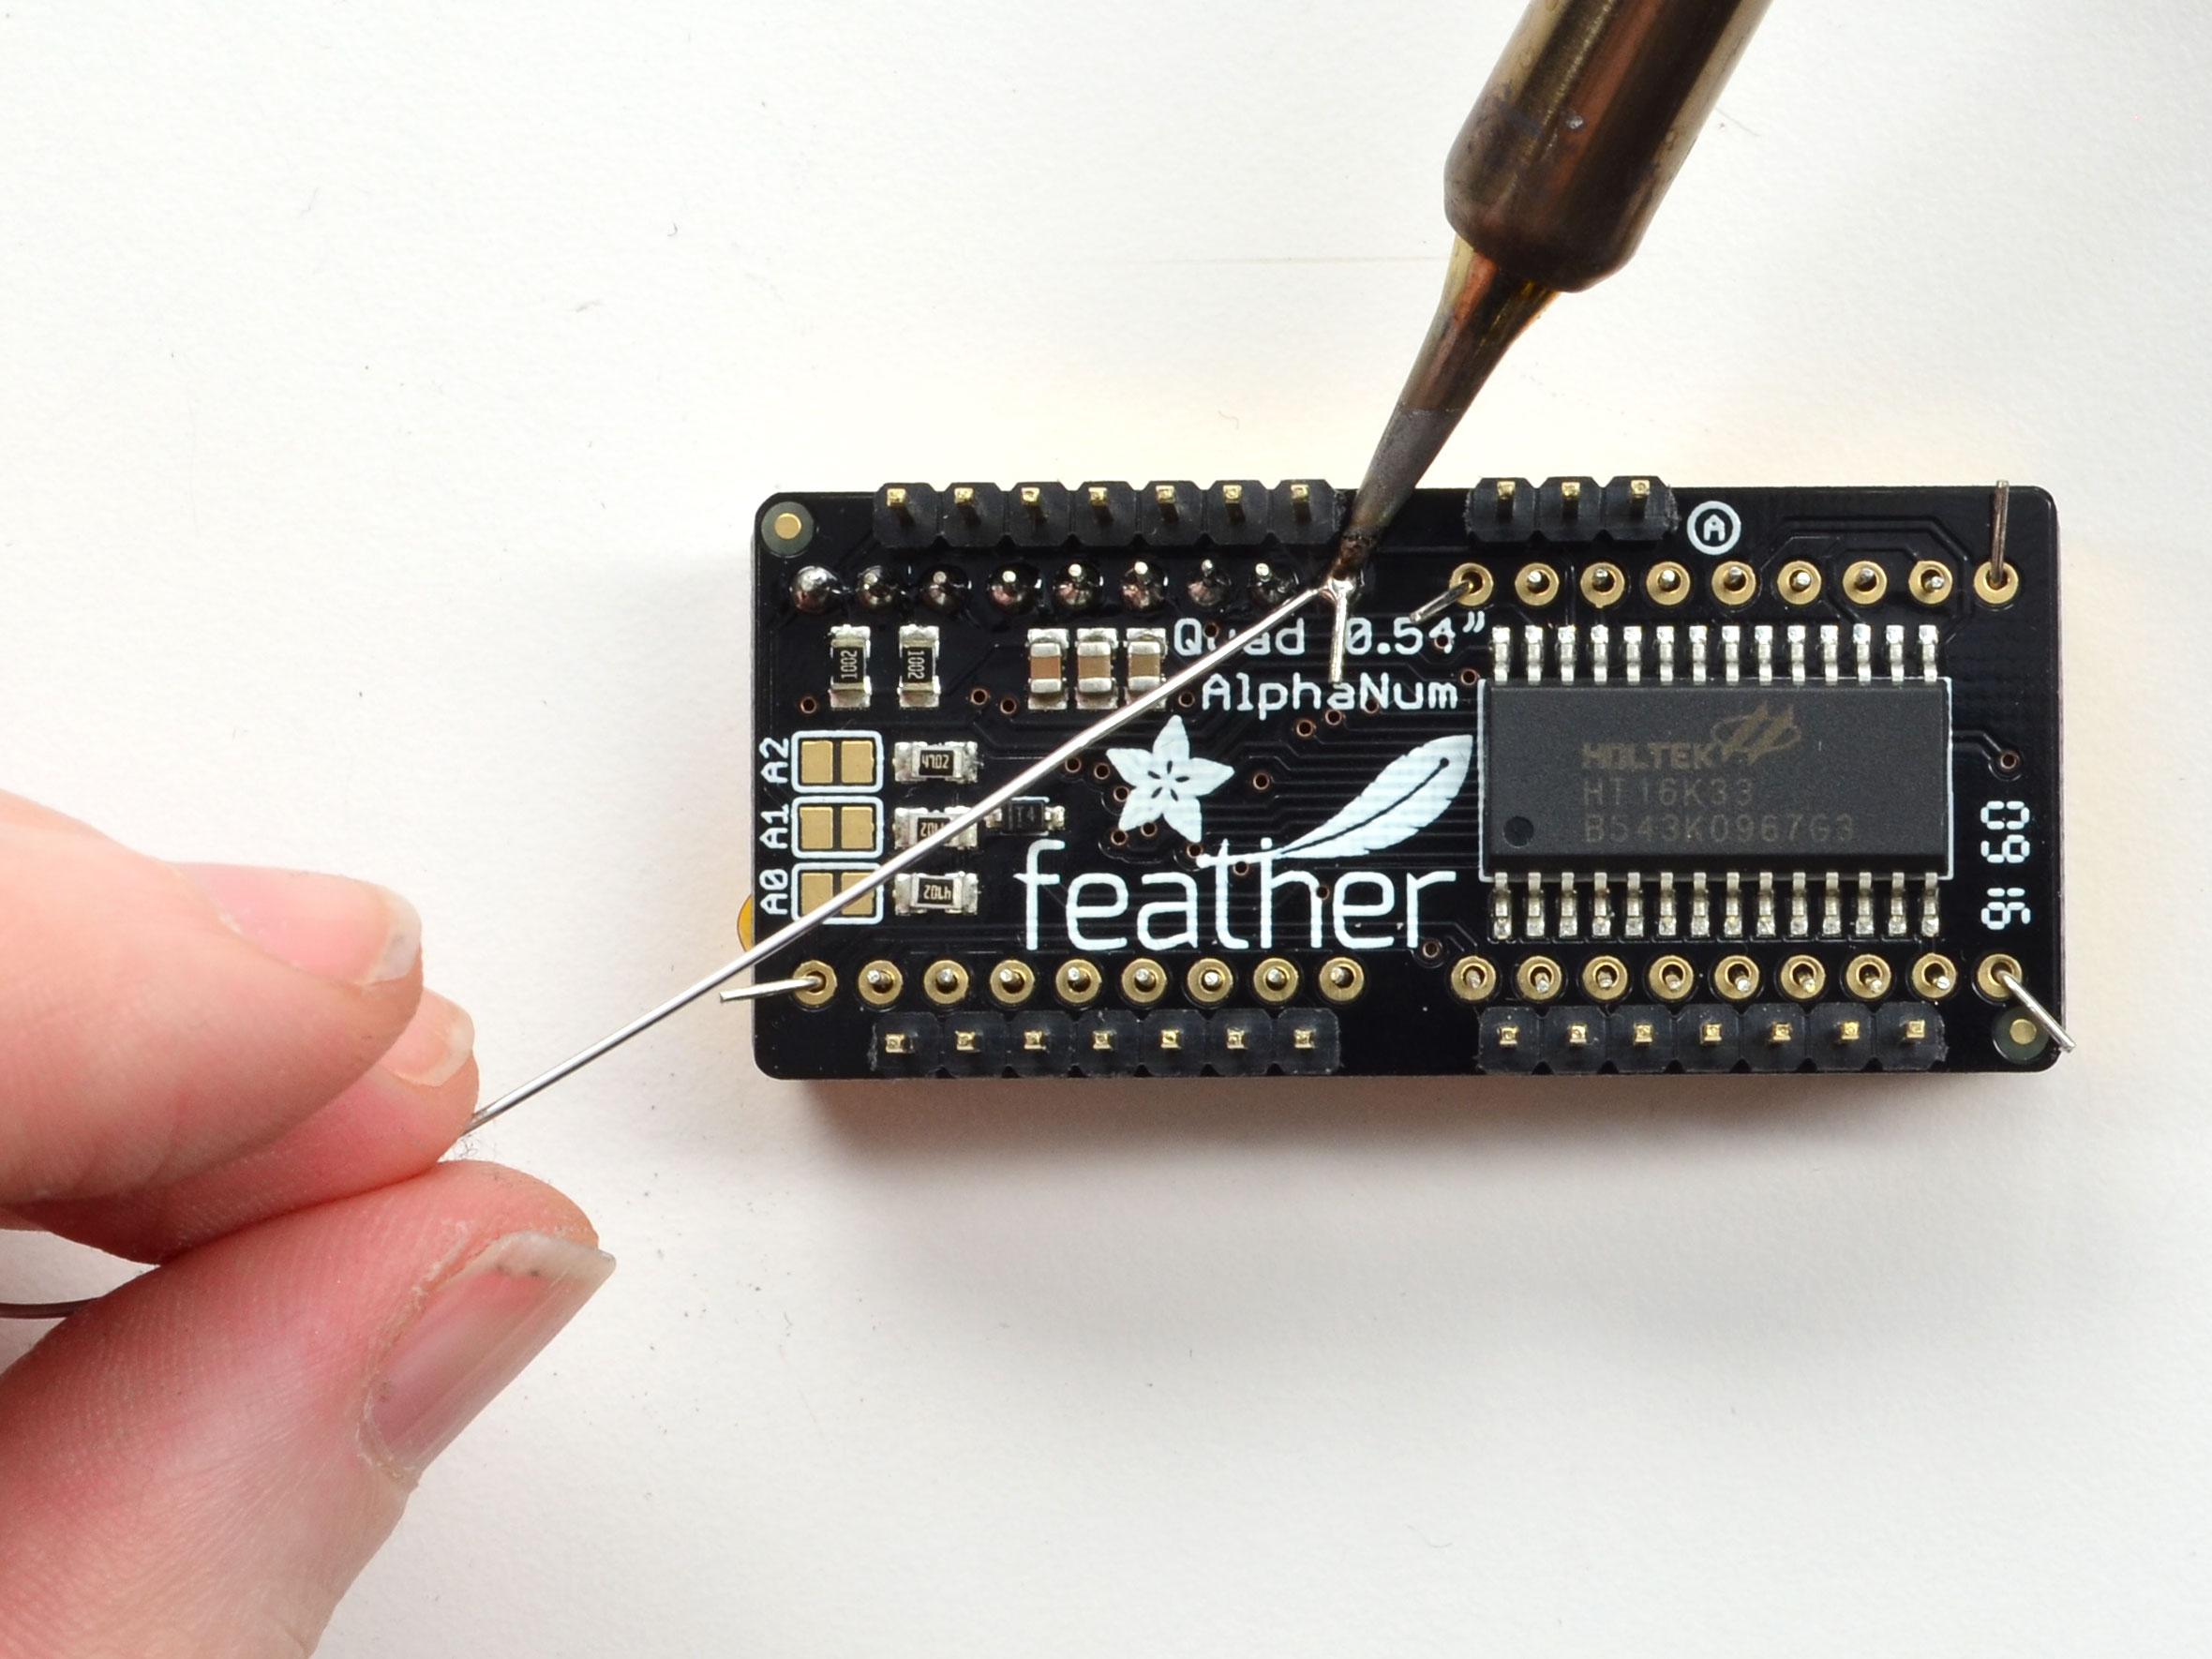 feather_solder9.jpg